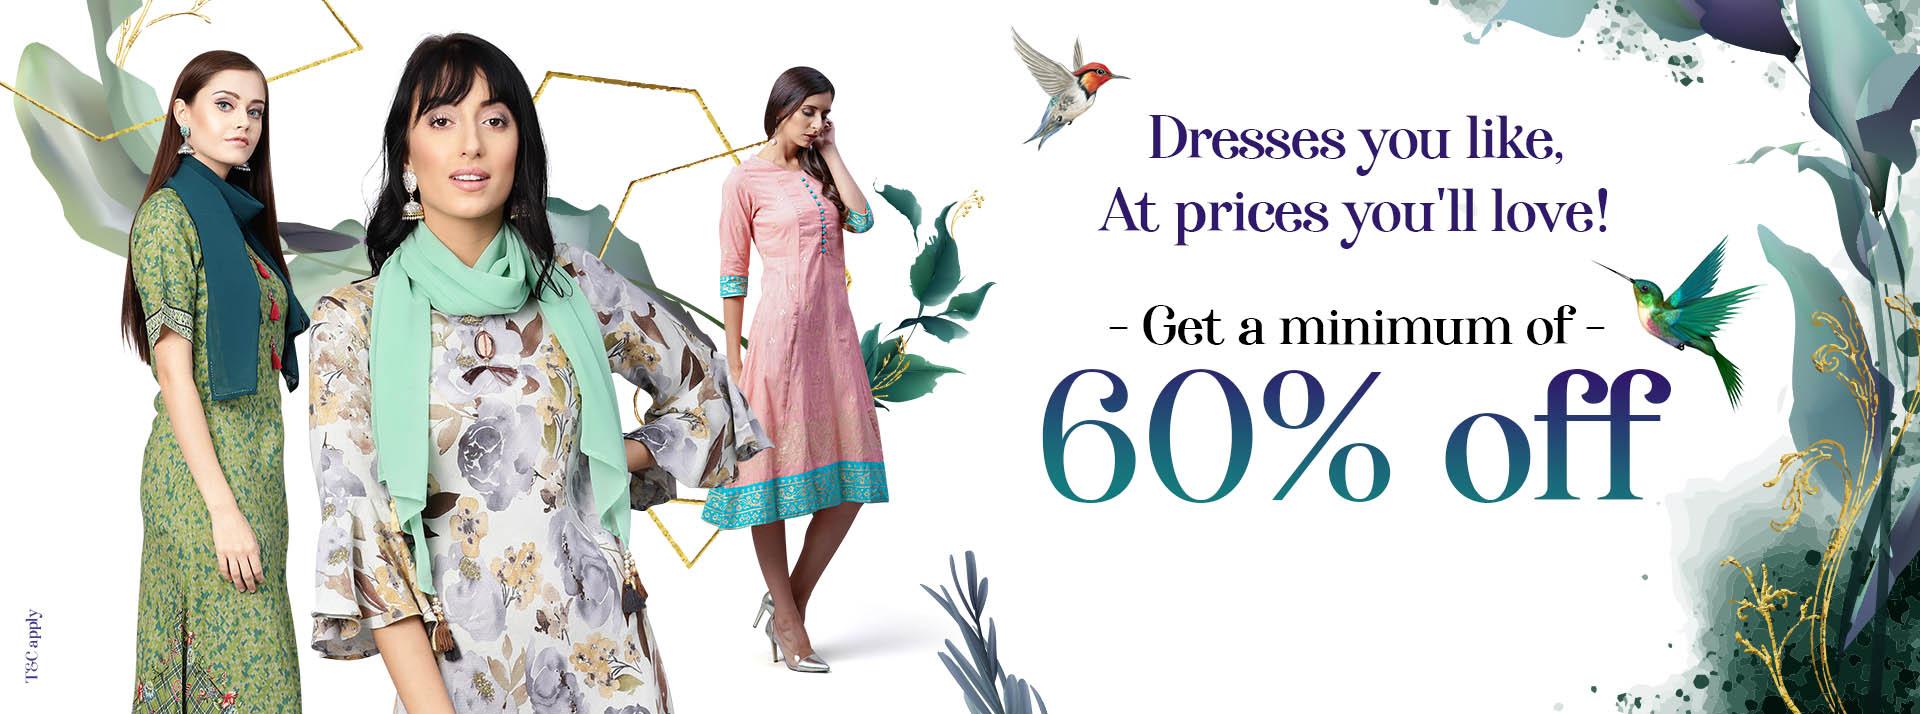 Dresses Minimum 60% OFF